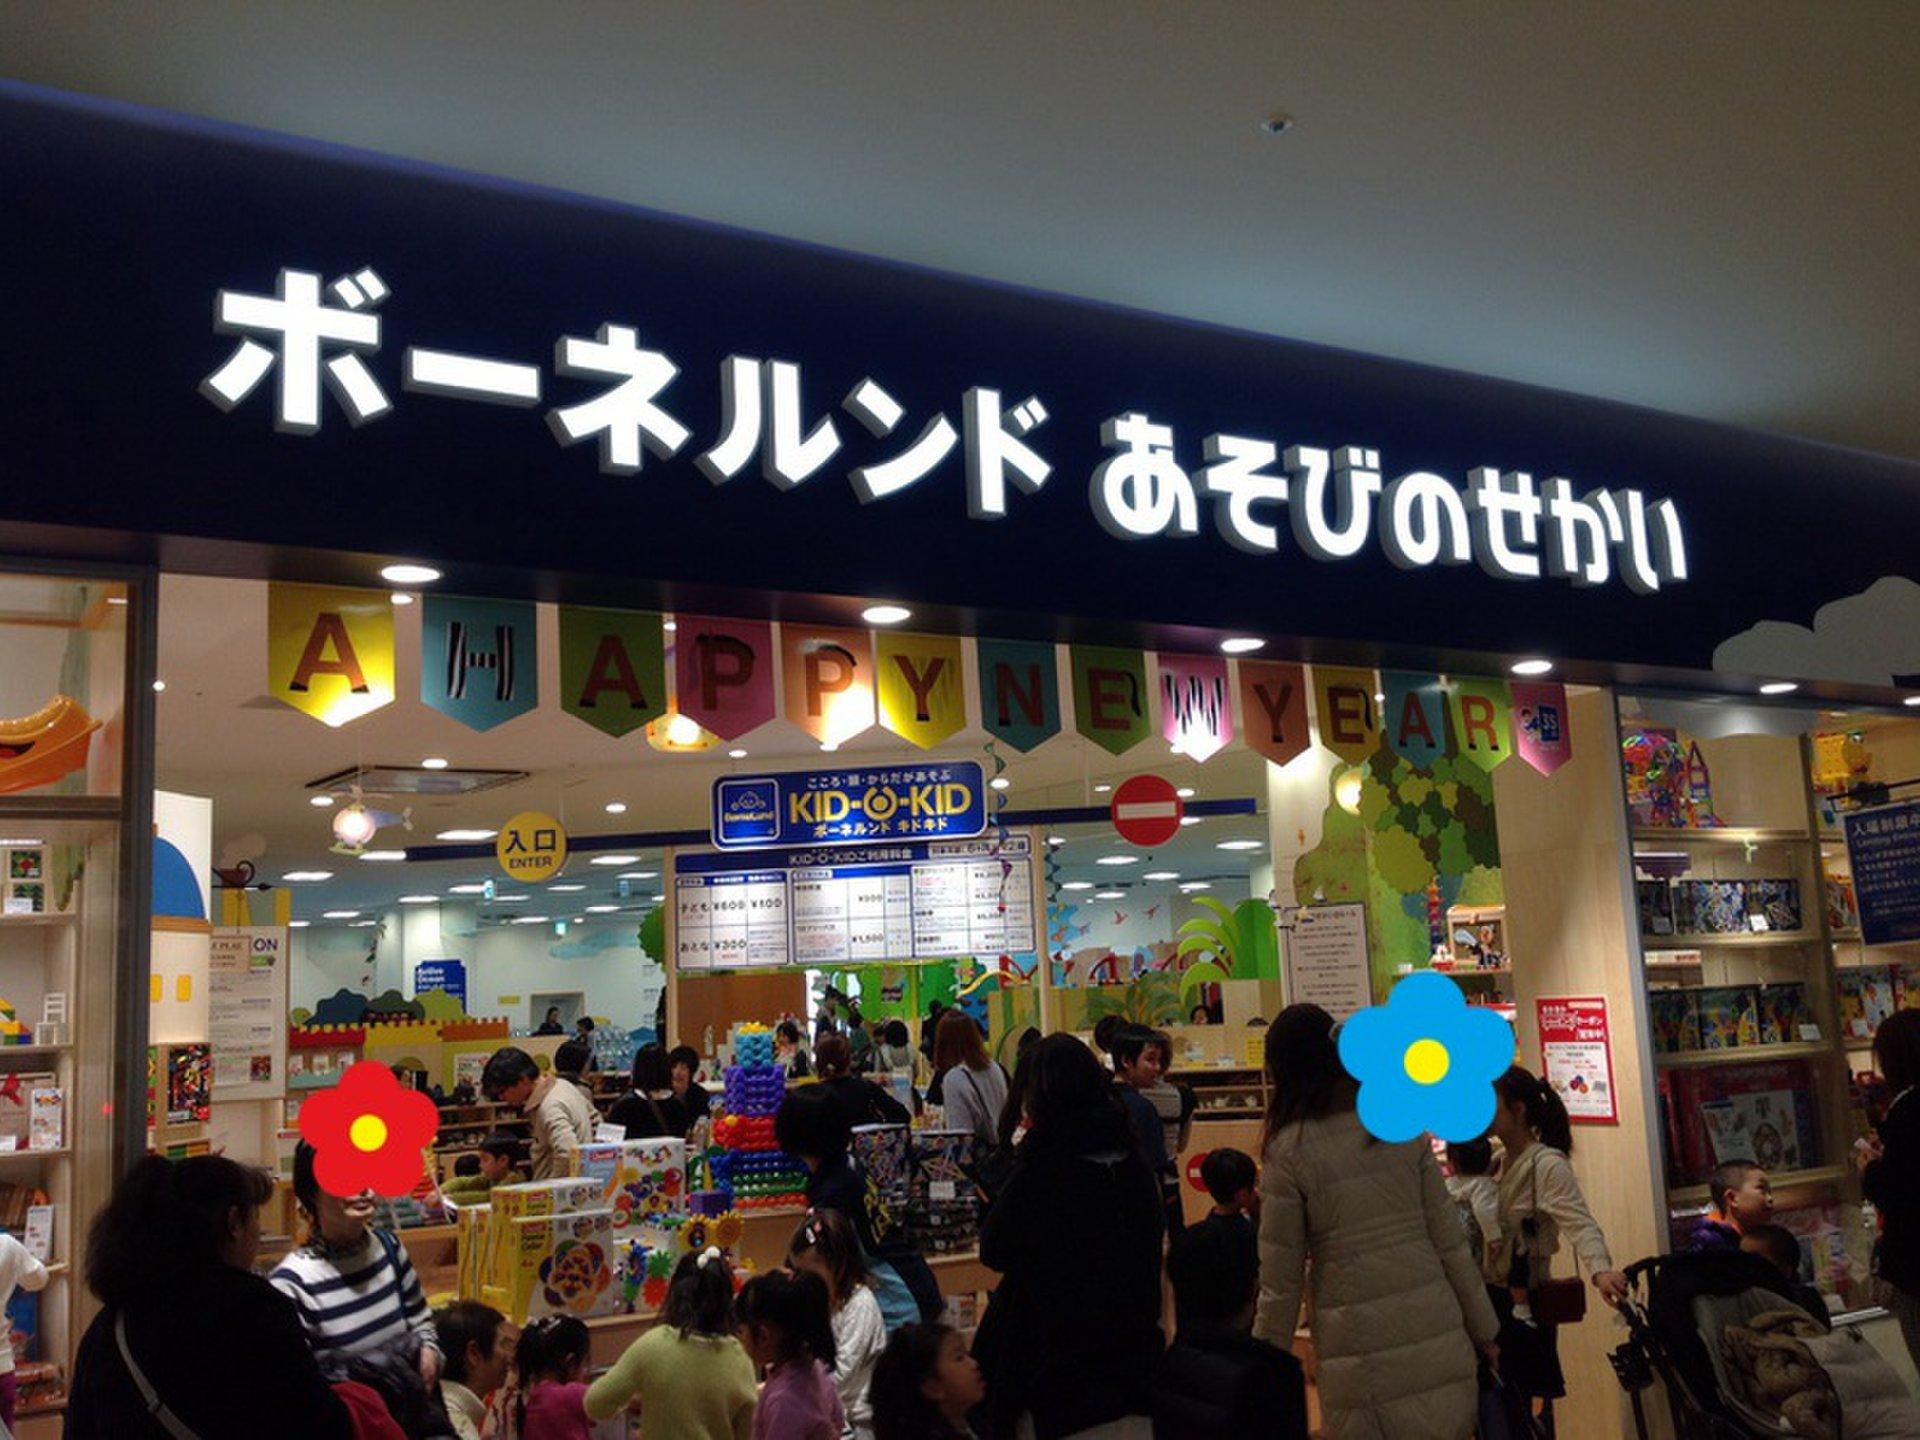 横浜みなとみらいでママ友と一緒におでかけ、ママランチ・ママ会・女子会におすすめプラン☆